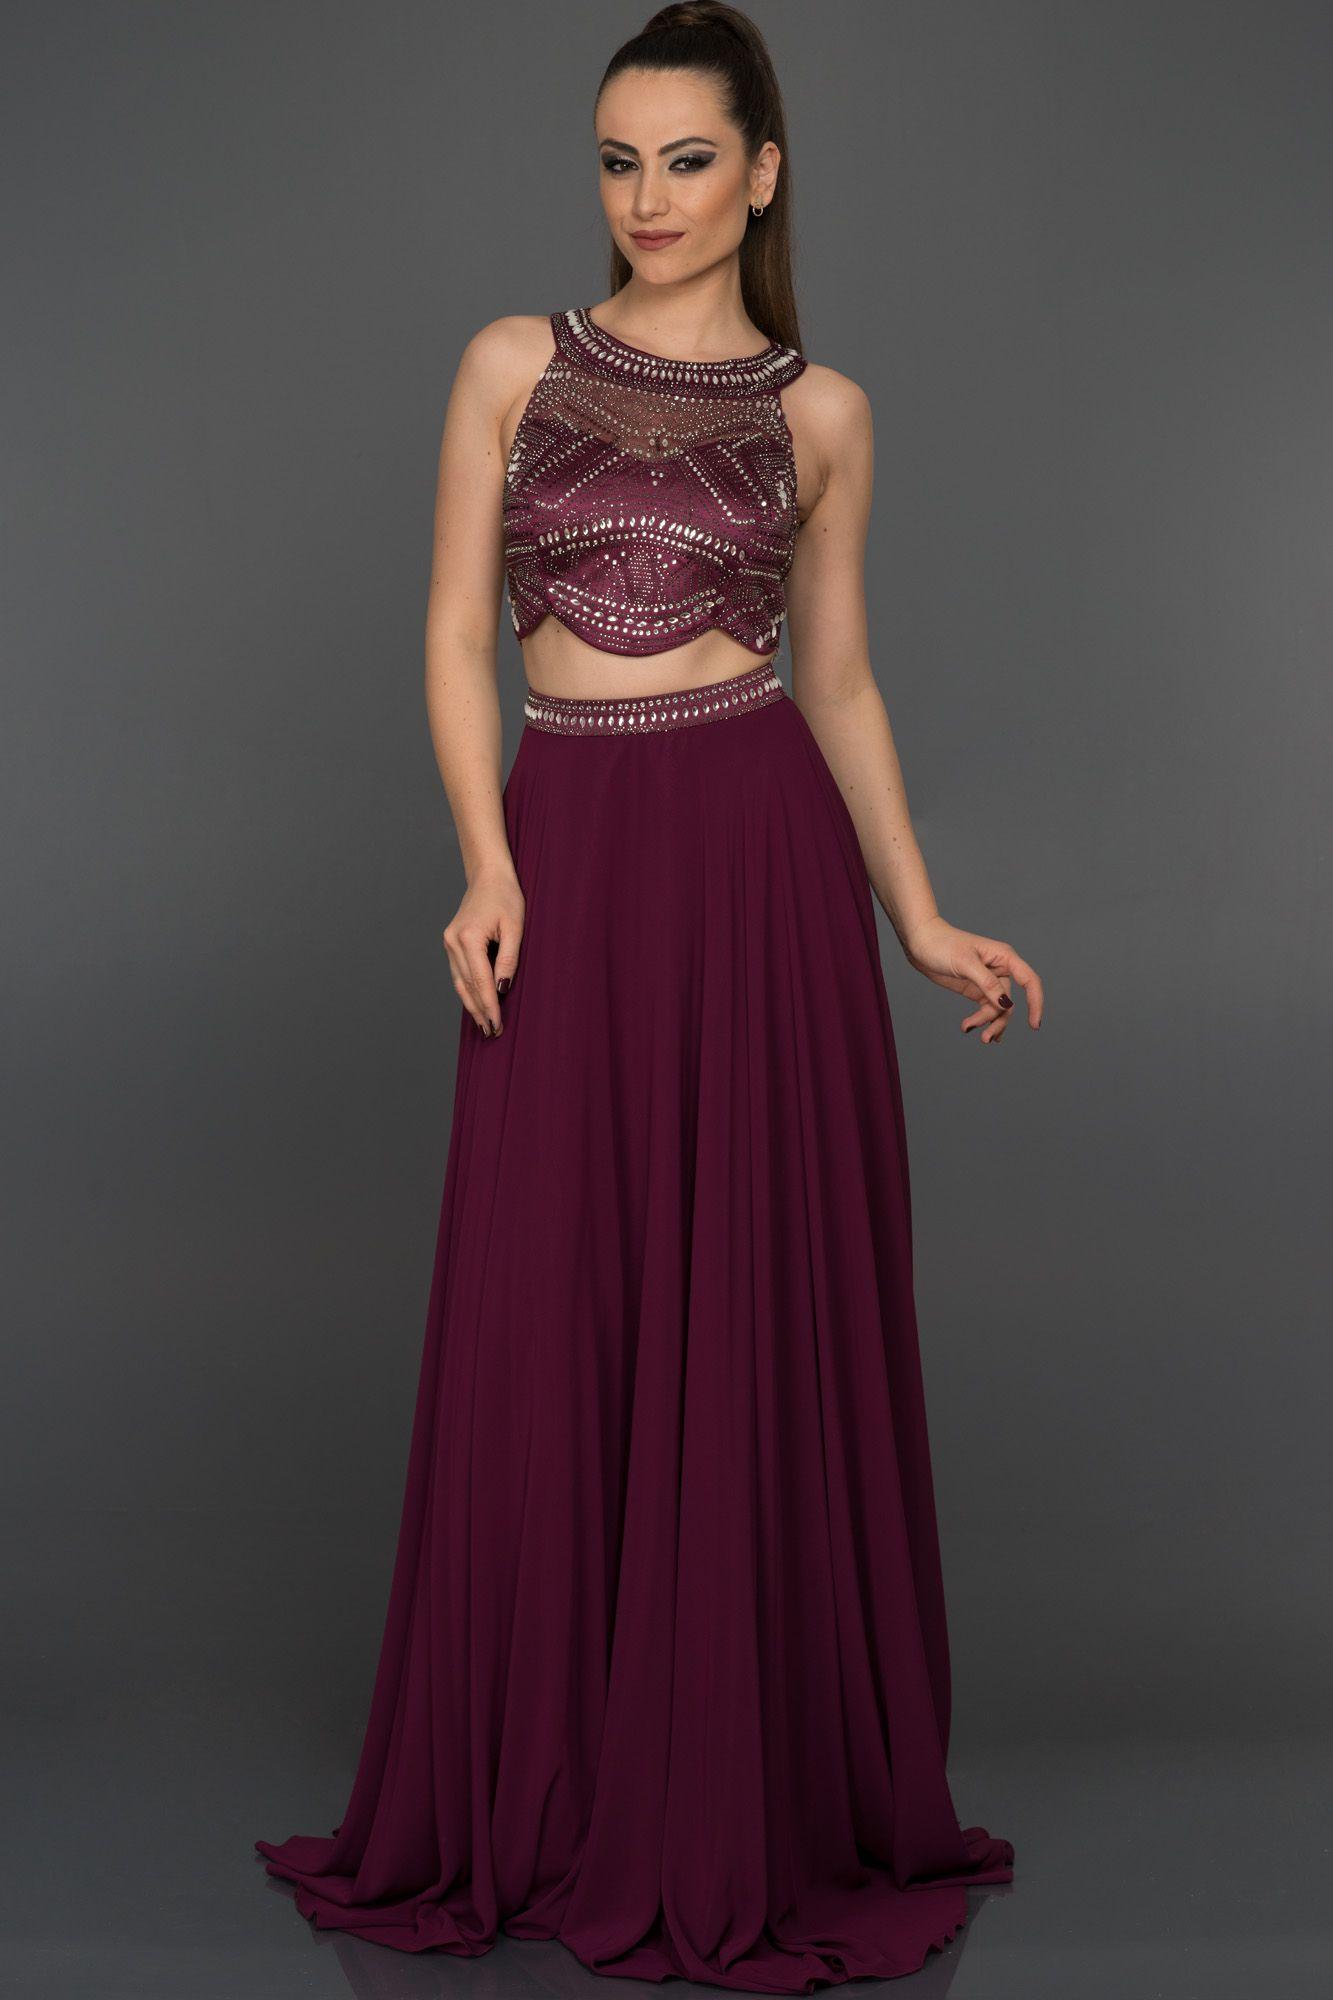 Fotos 2013 arkas uzun elbise abiye modelleri picture - Uzun Ki Par A Abiye Gg6901